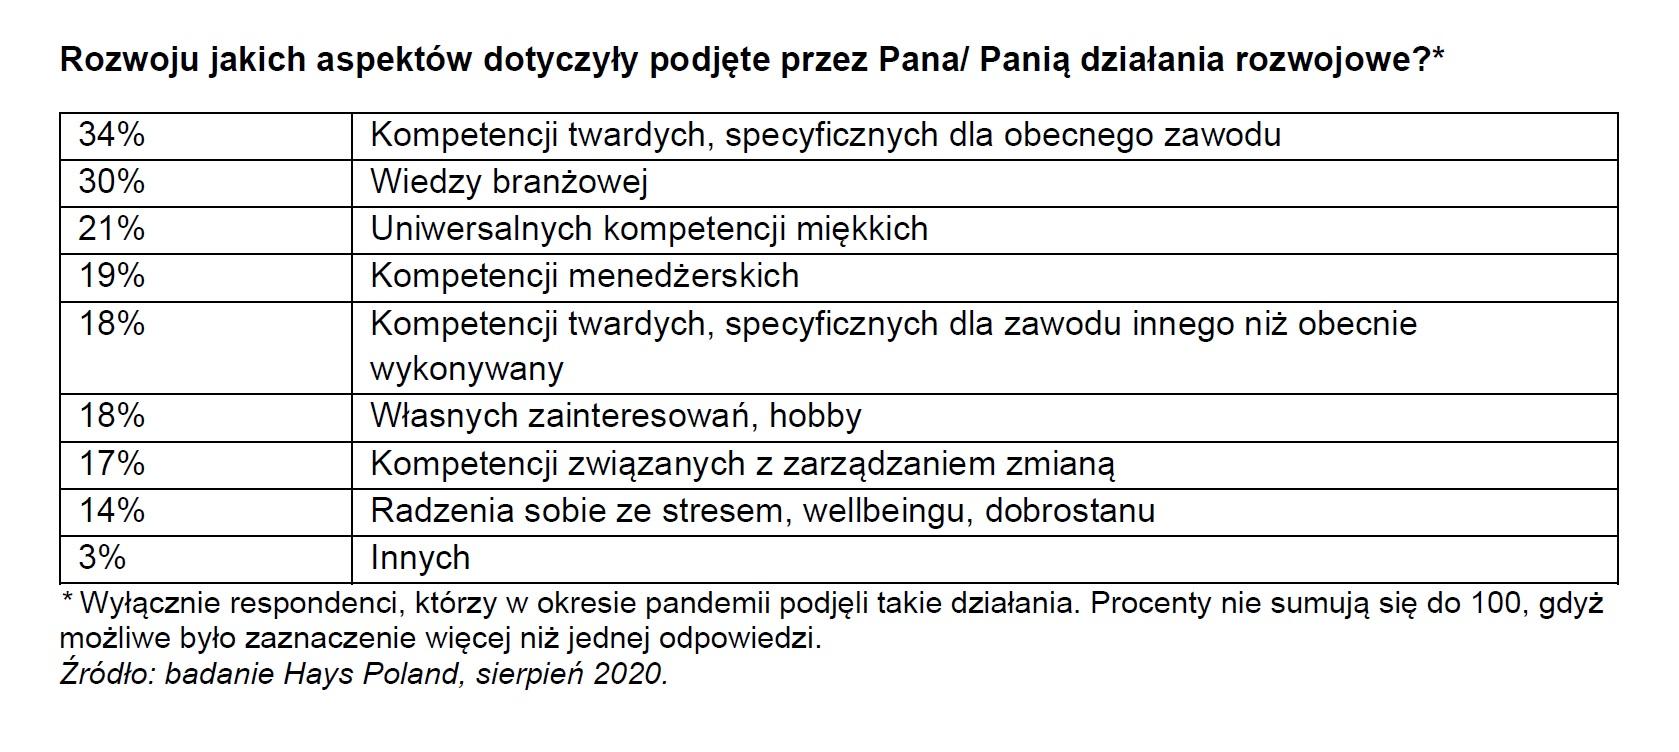 Działania rozwojowe (Źródło -Badanie Hays Poland)